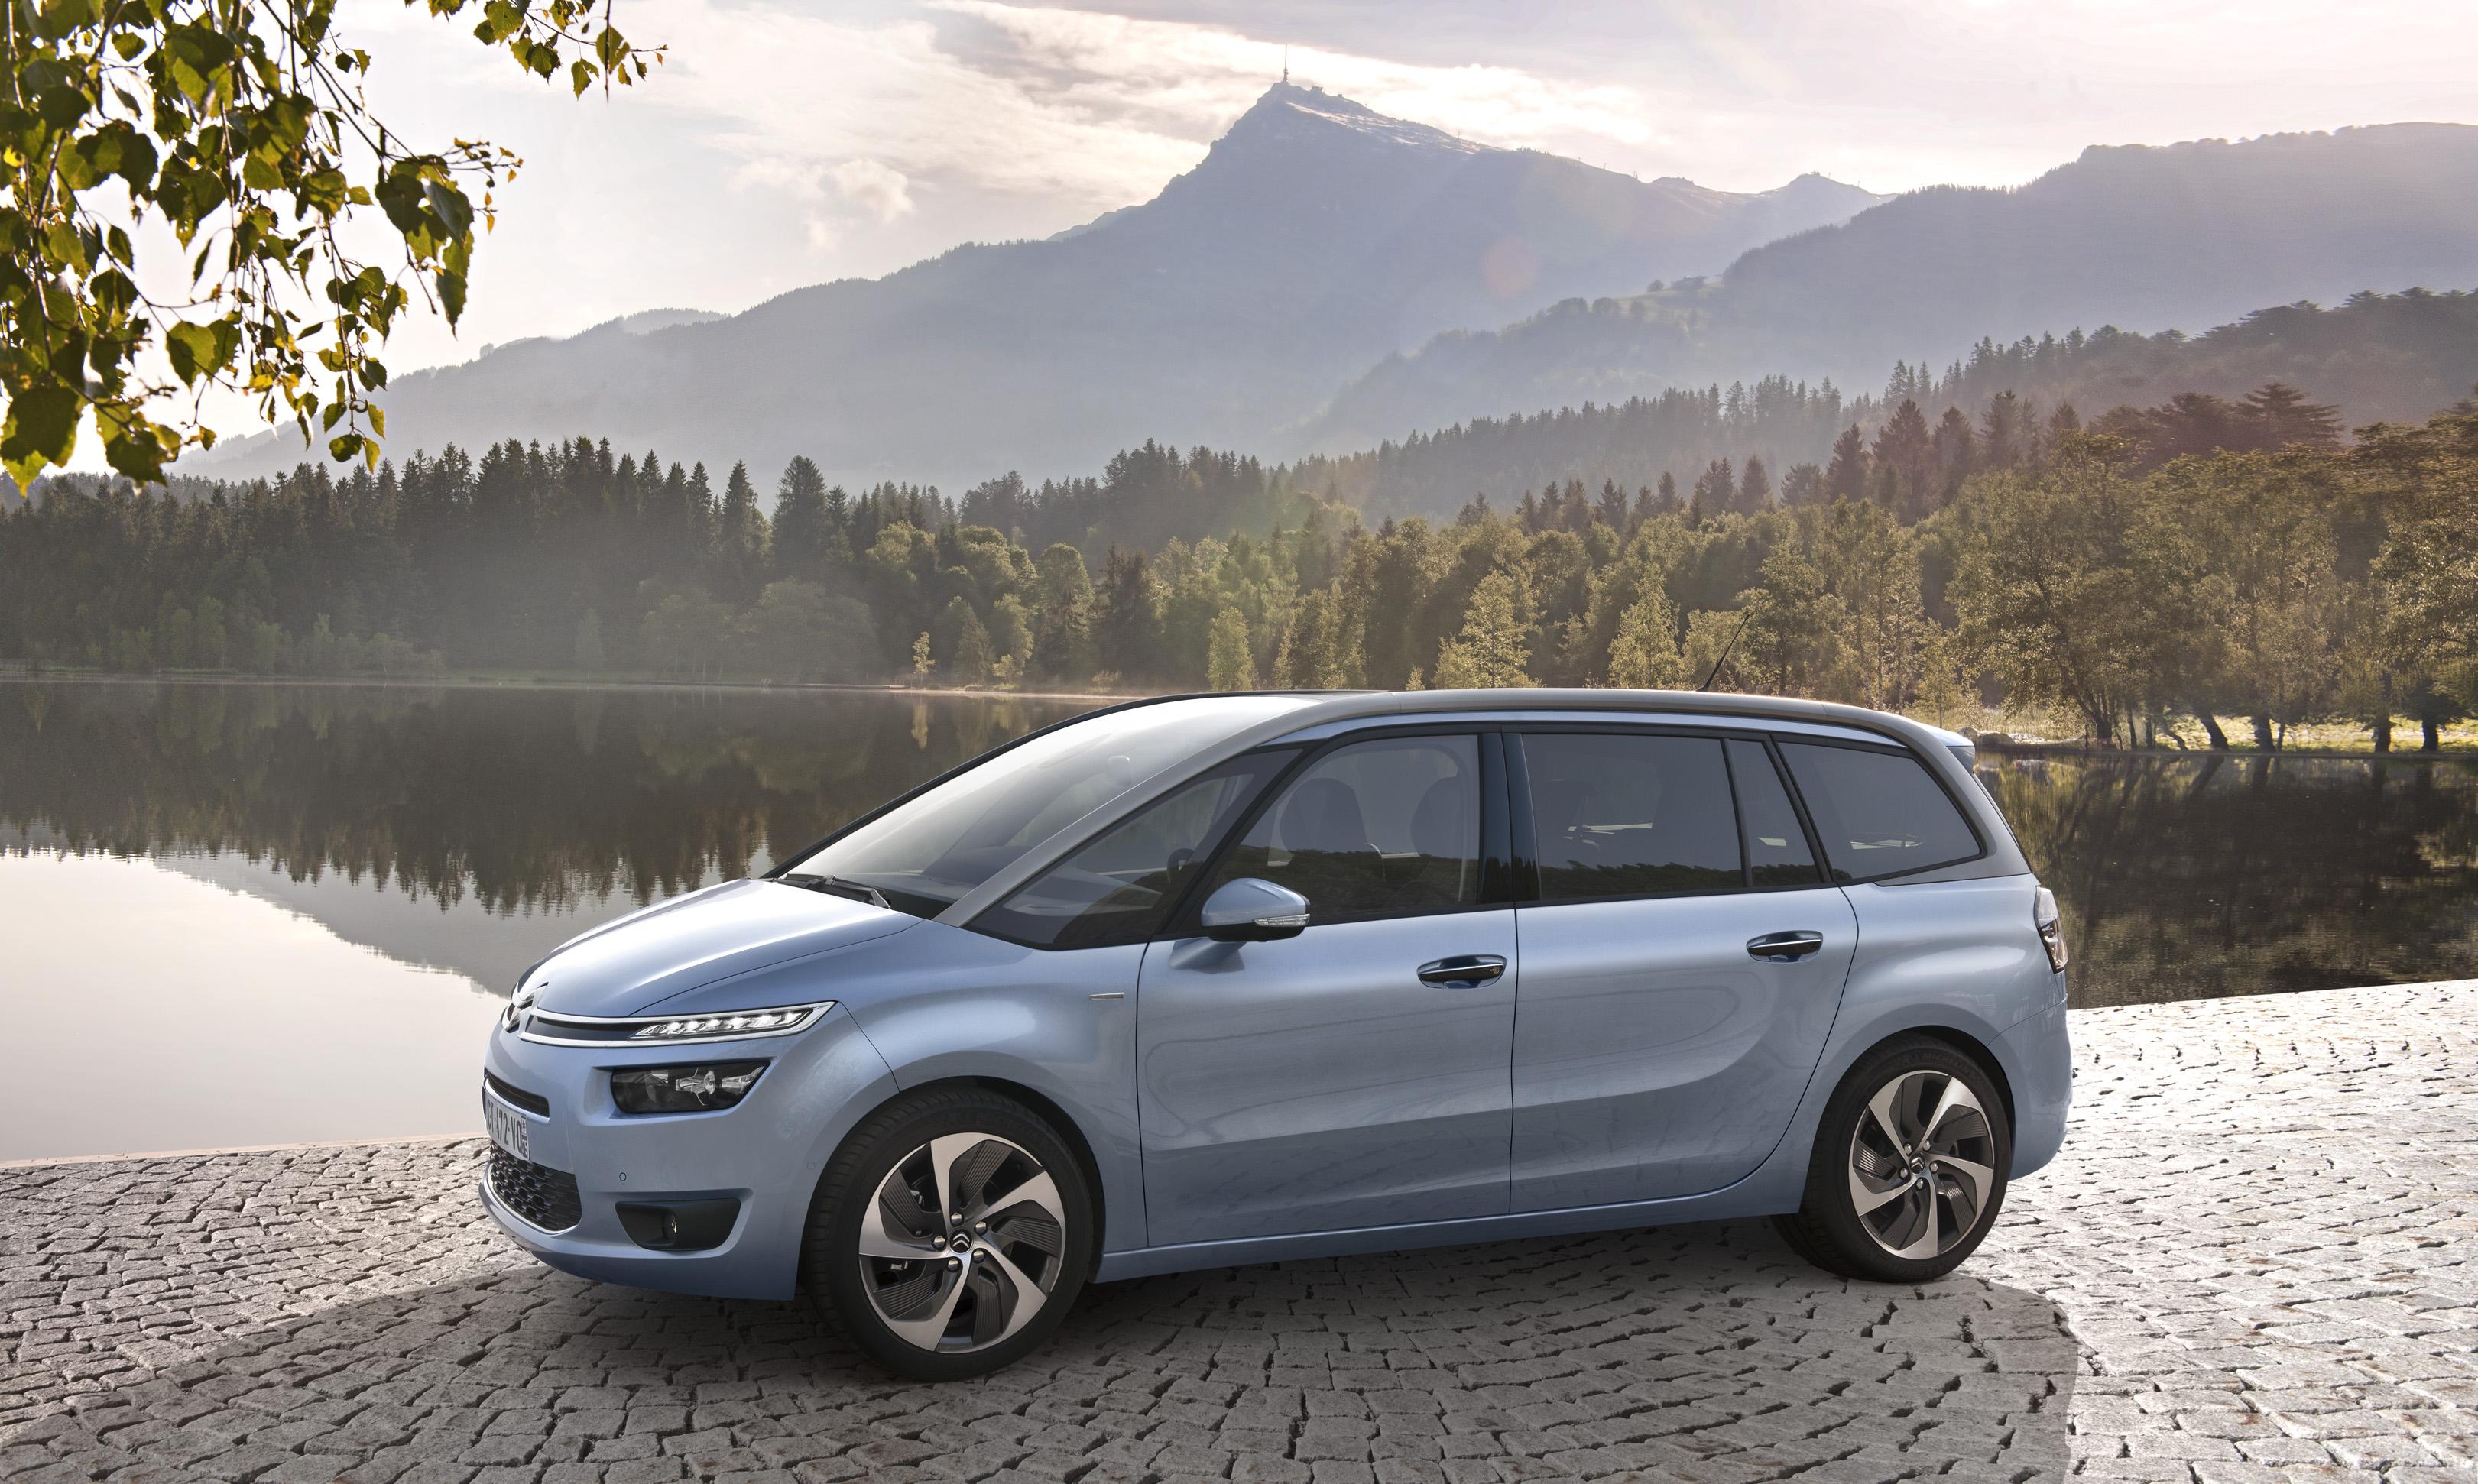 La nuova Citroën C4 Grand Picasso